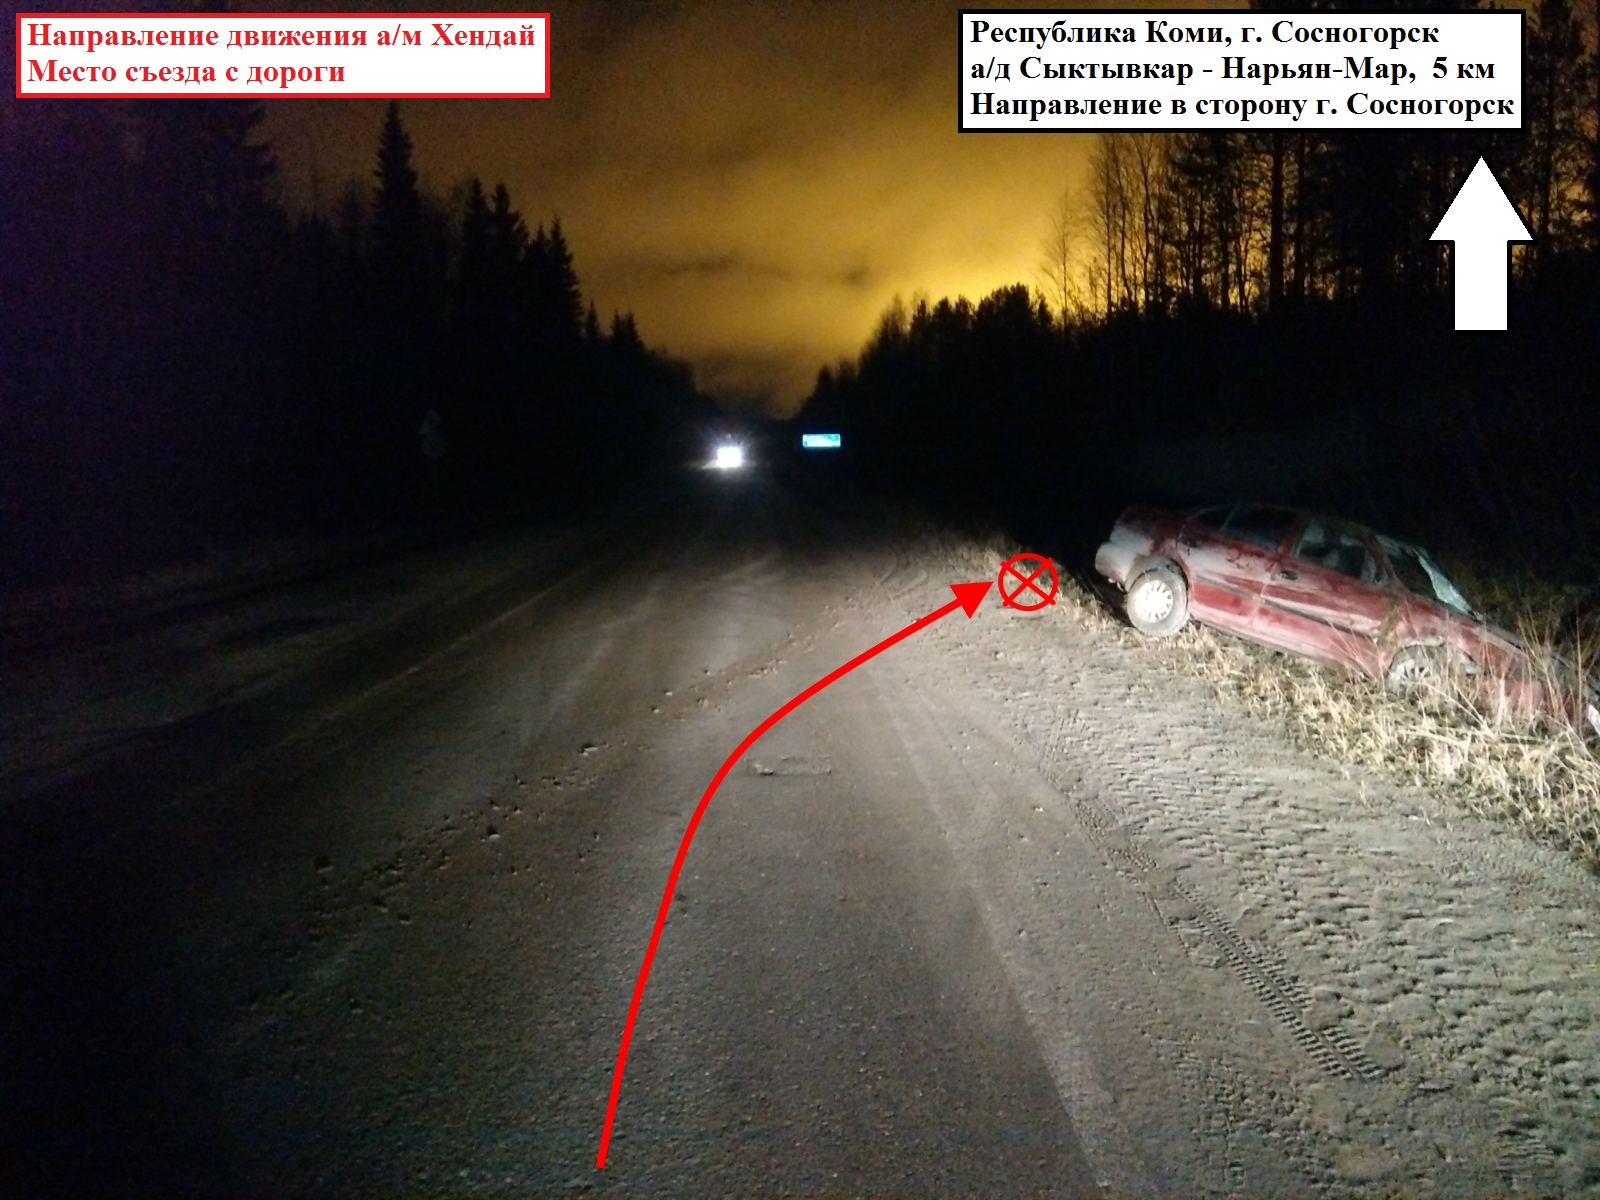 Sosnogorsk13.jpg